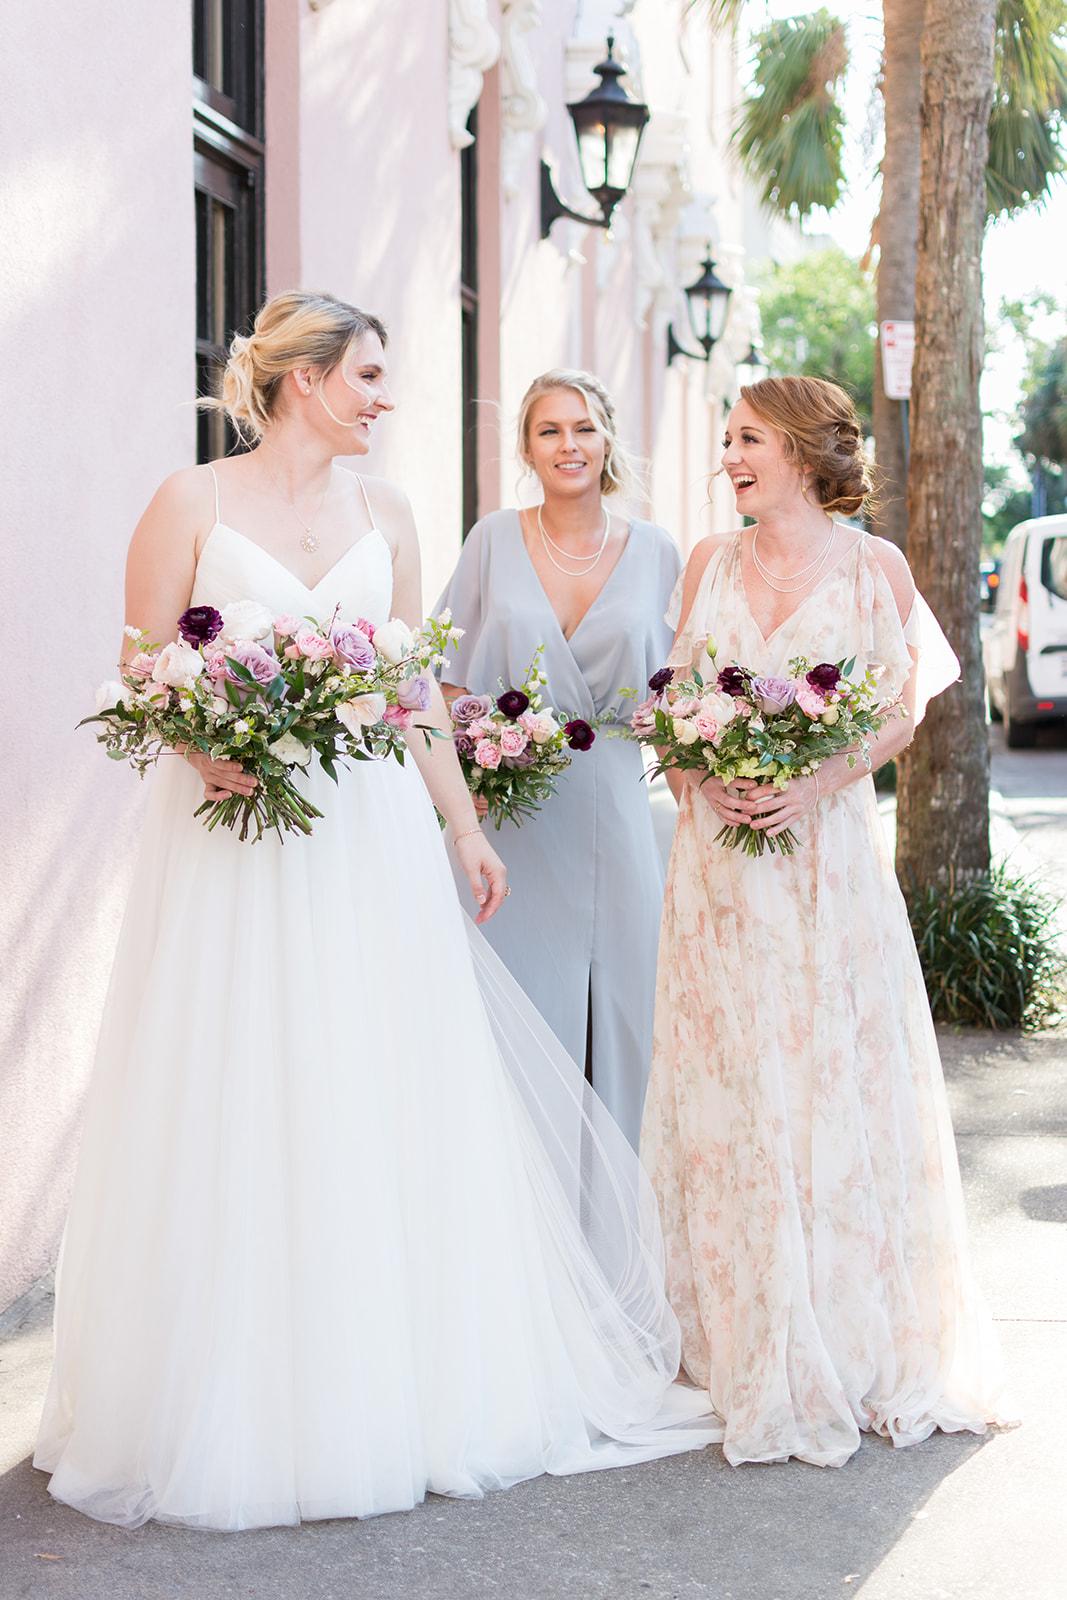 ivory-and-beau-savannah-bridal-shop-savannah-wedding-dresses-jenny-yoo-floral-print-bridesmaid-dress-healthy-tips-for-weight-loss-bridal-weight-loss.jpg